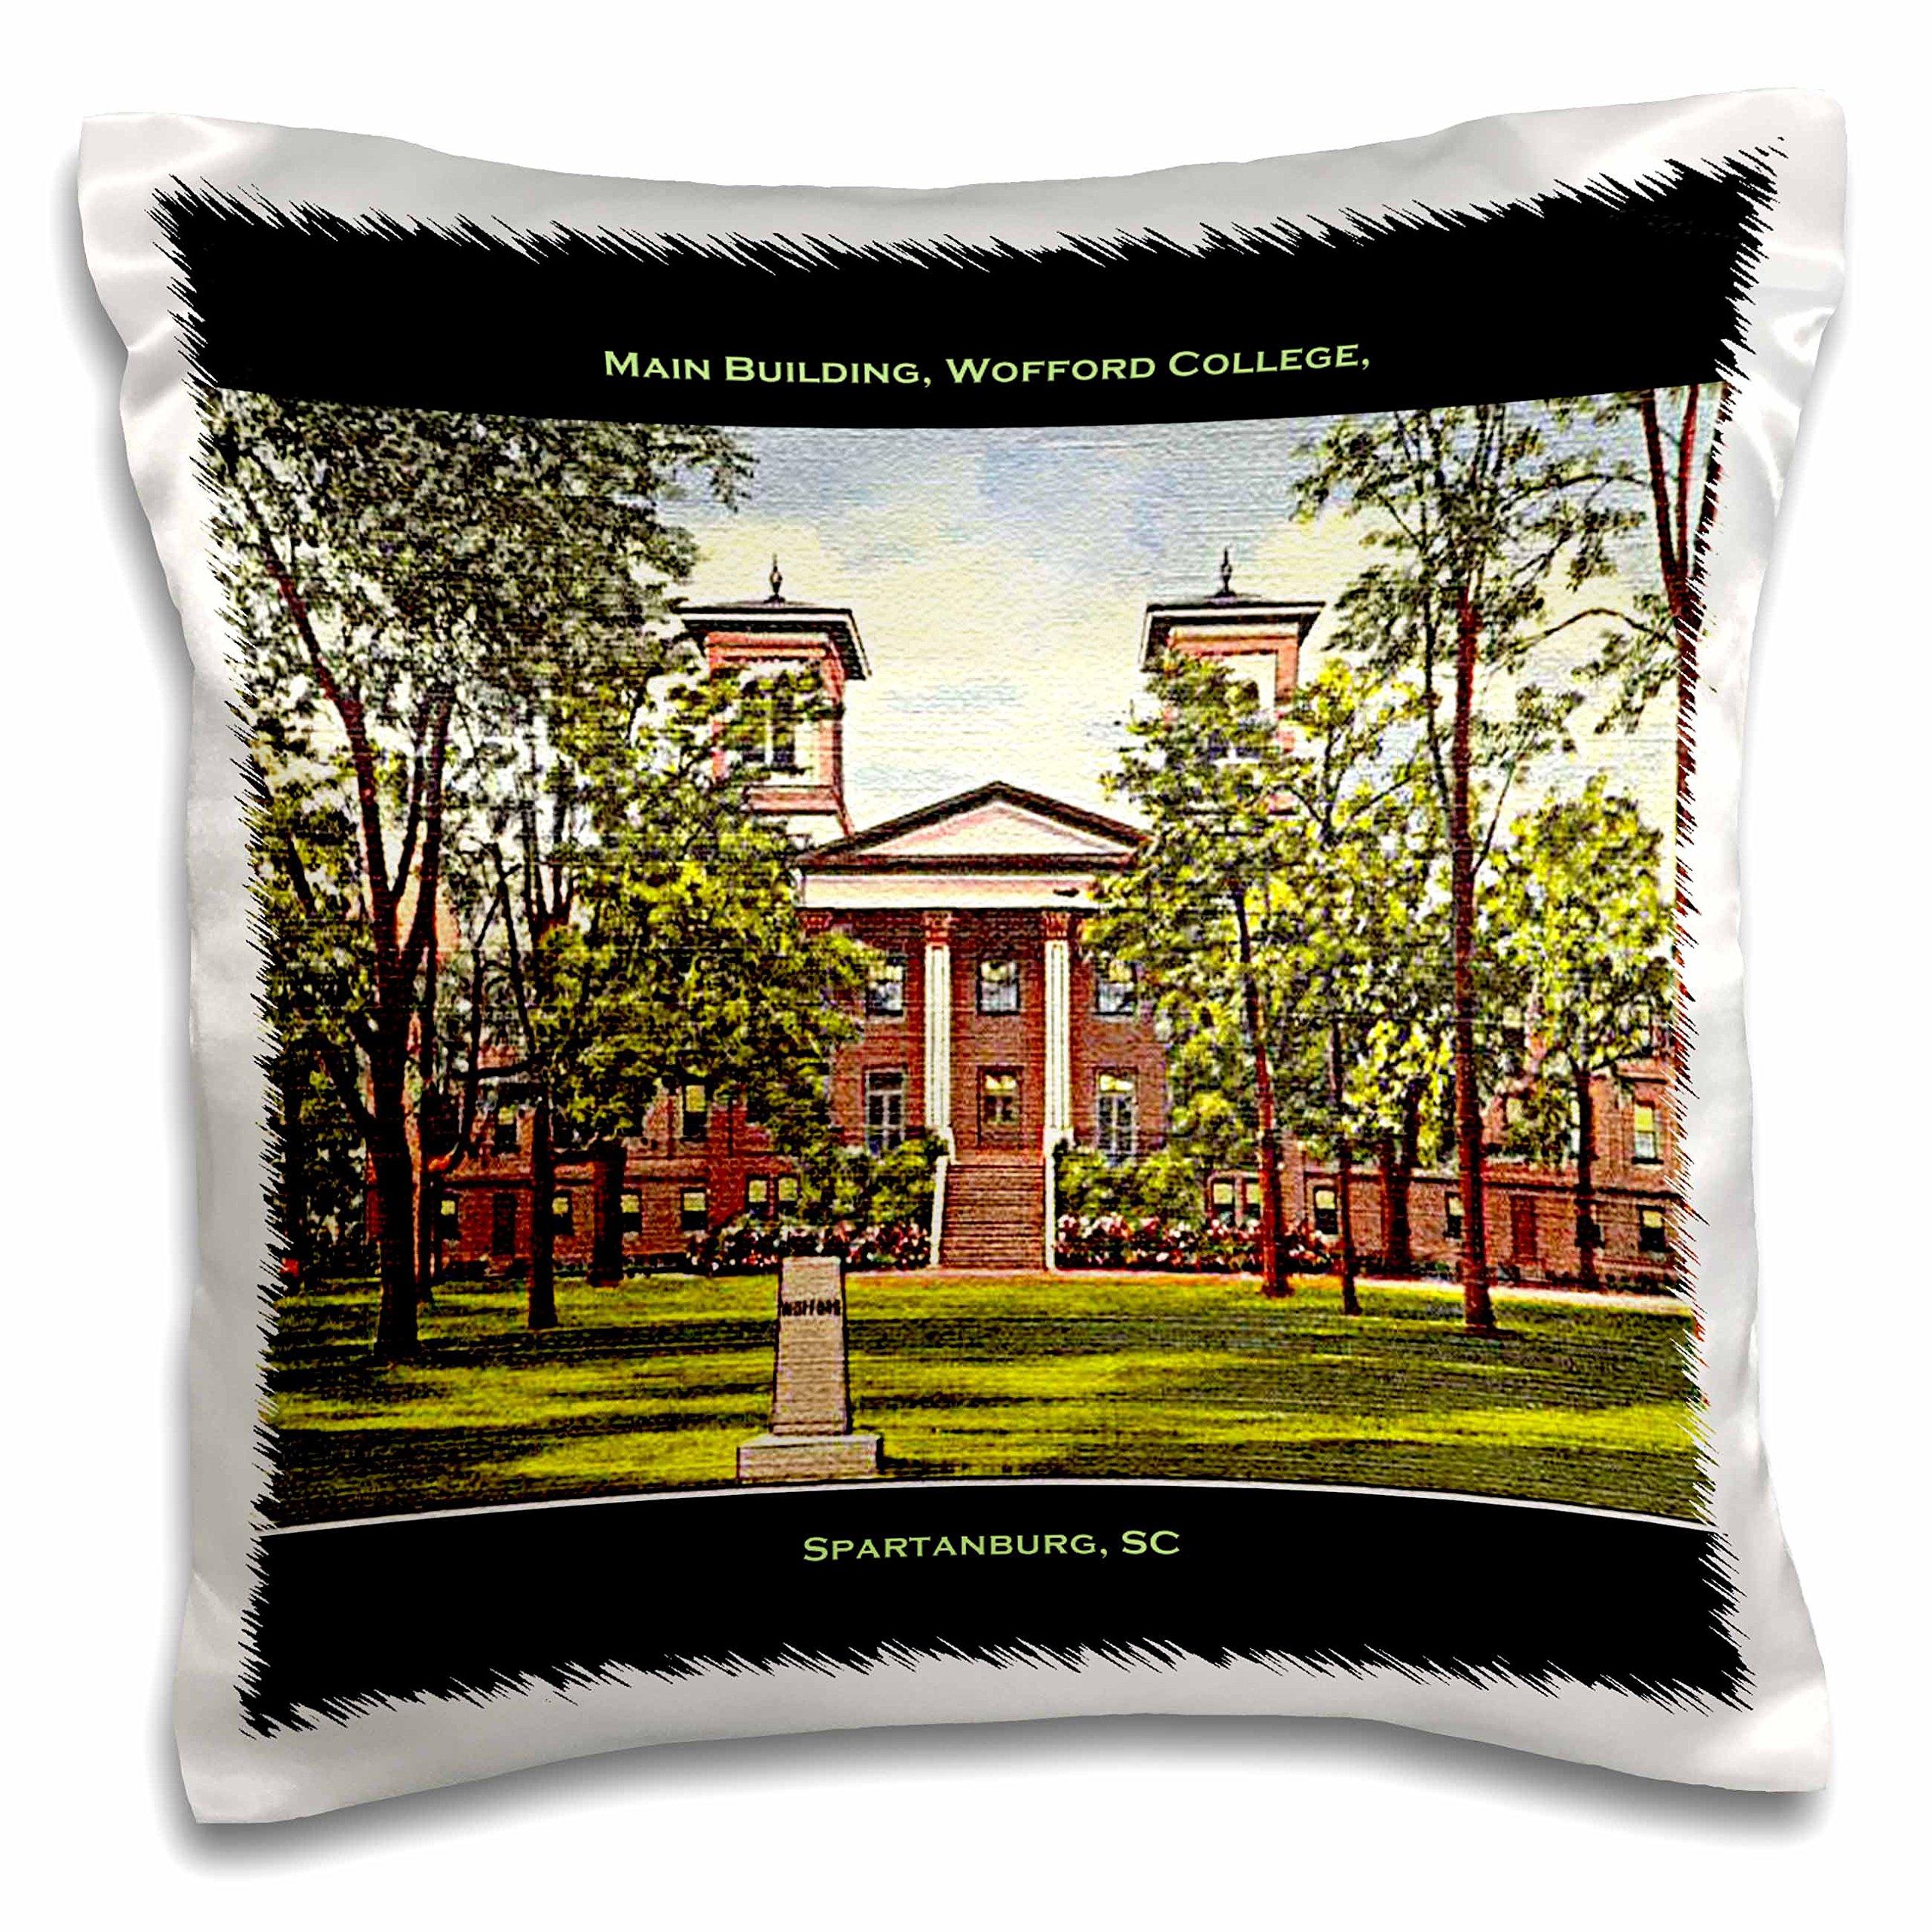 3D Rose Main Building-Wofford College-Spartanburg-Sc Design Pillowcase, 16'' x 16''